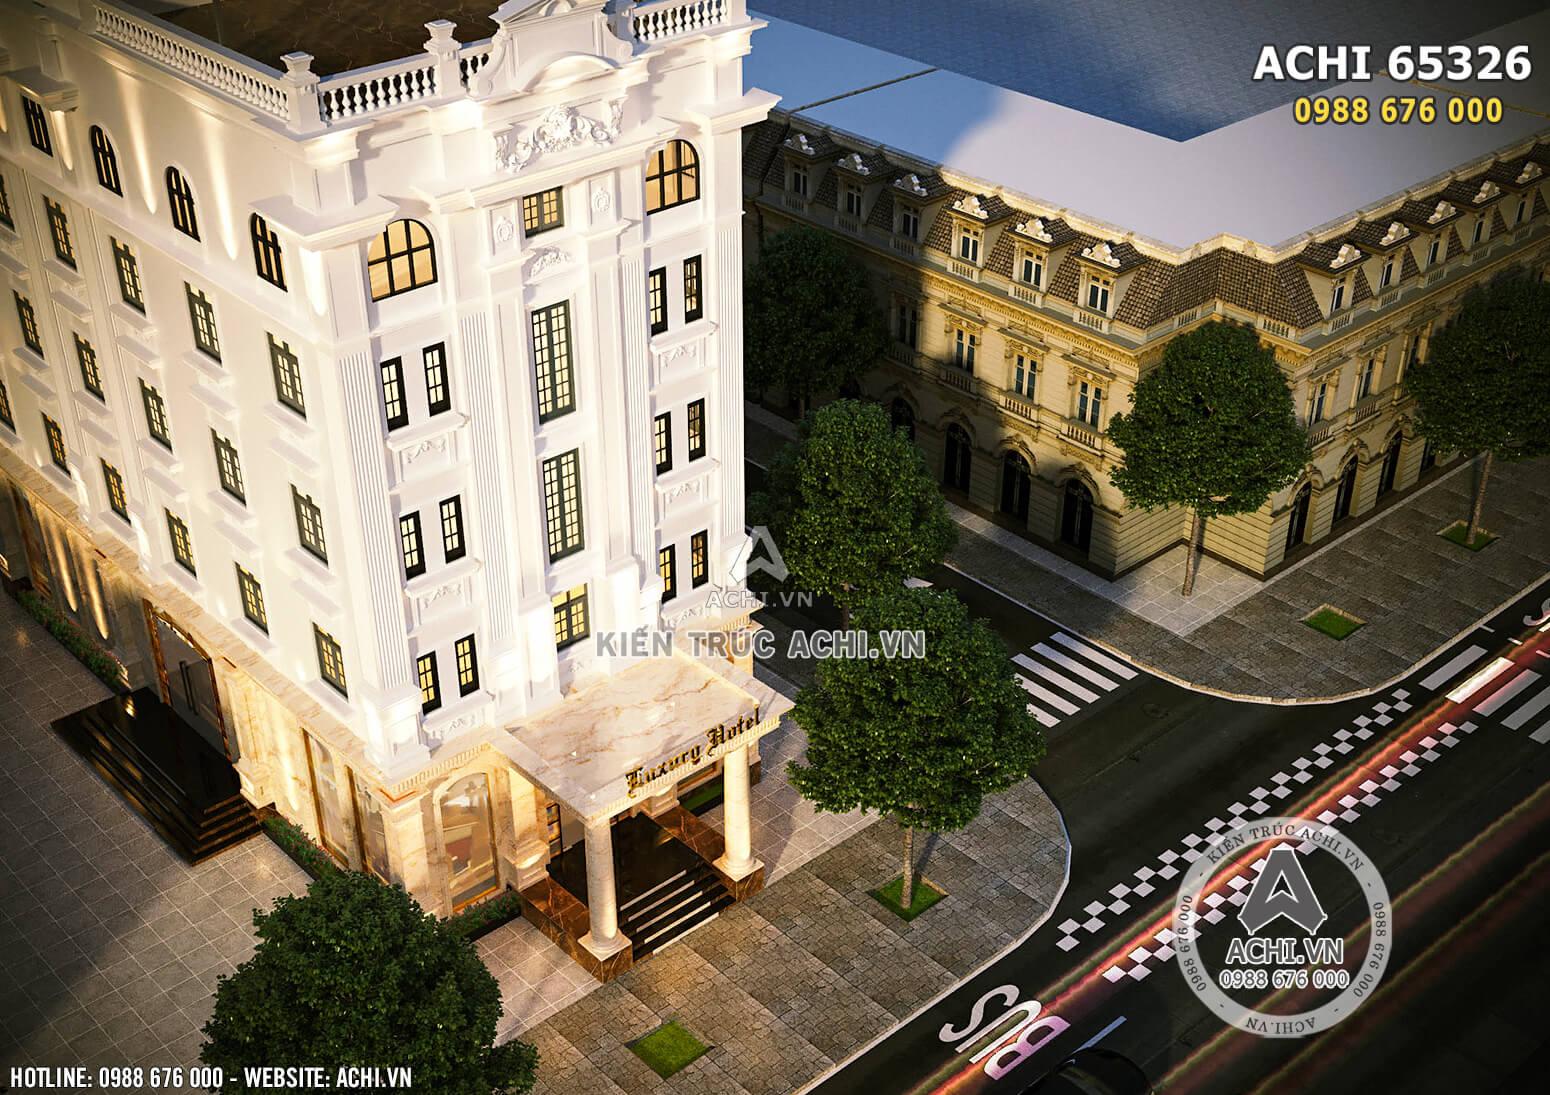 Hình ảnh: Góc nhìn từ bên trên xuống của thiết kế khách sạn mini 5 tầng đẹp